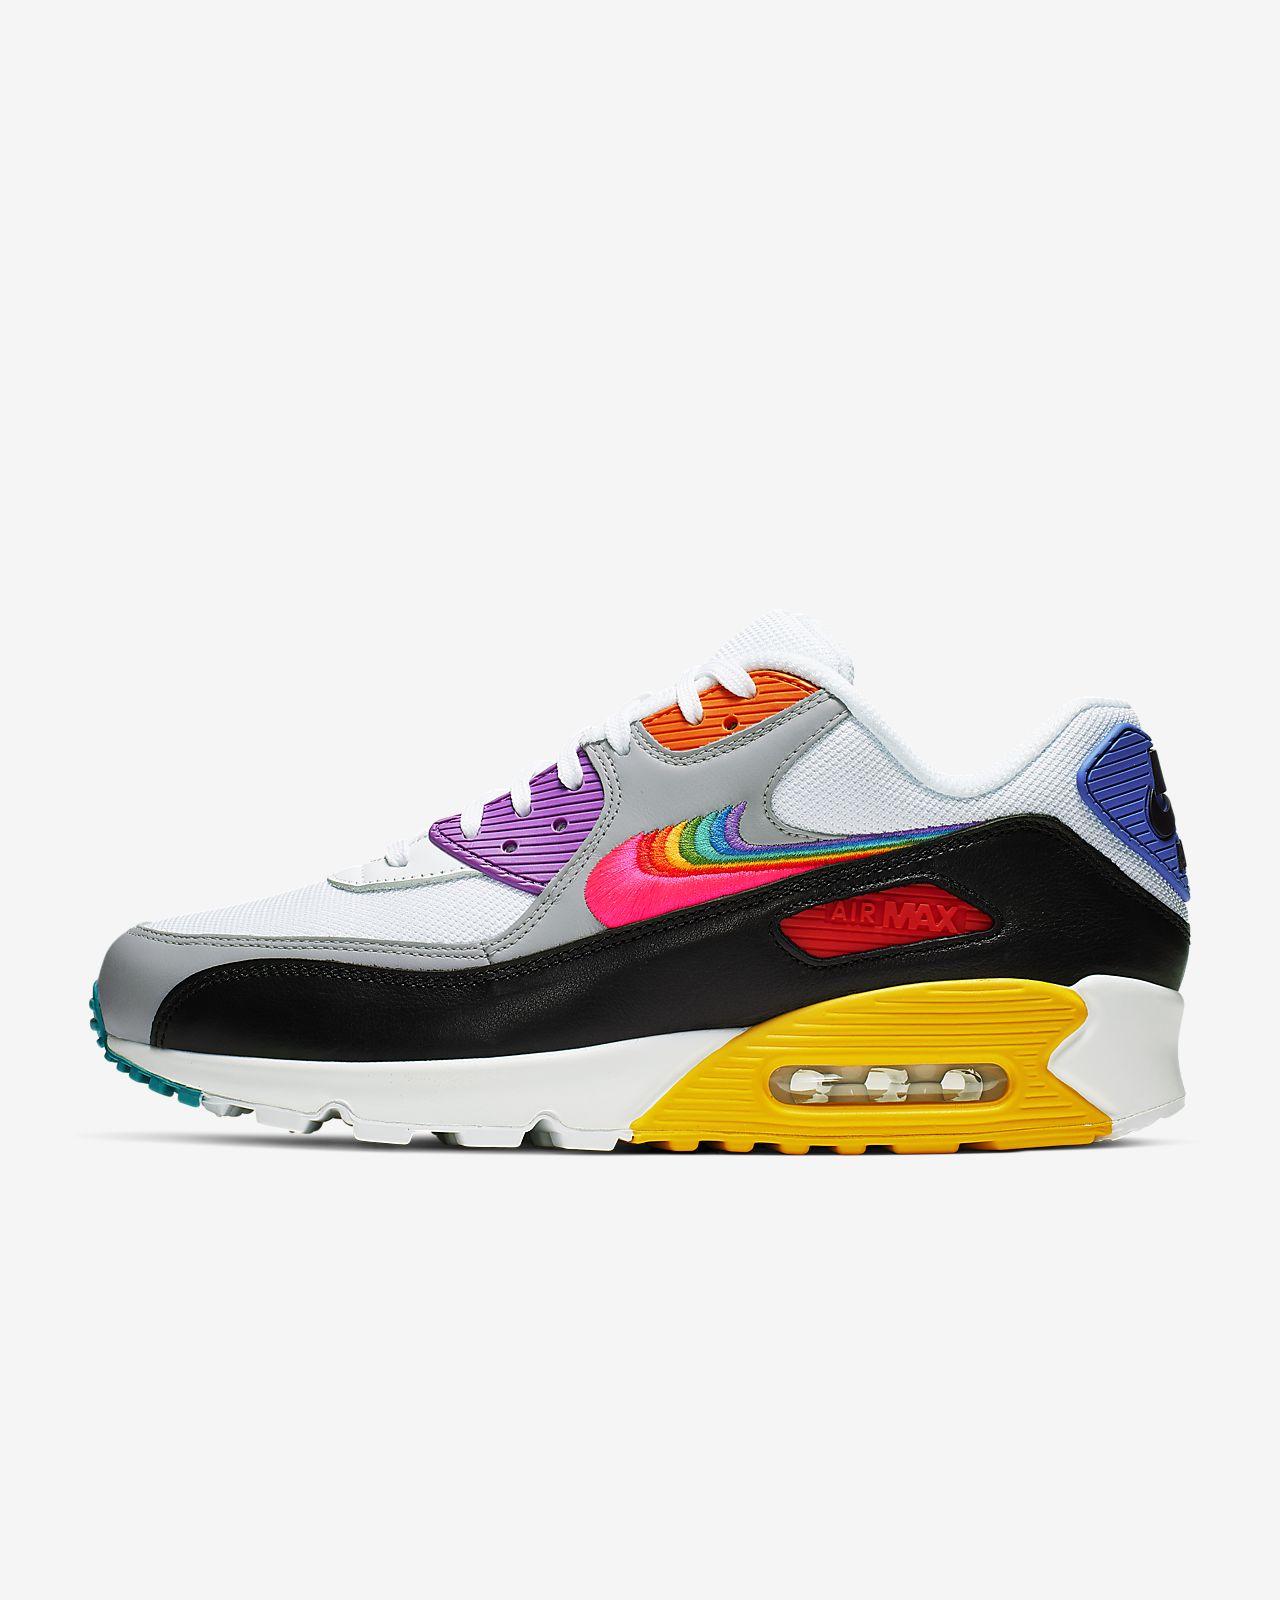 Nike Air Max 90 Betrue 男子运动鞋